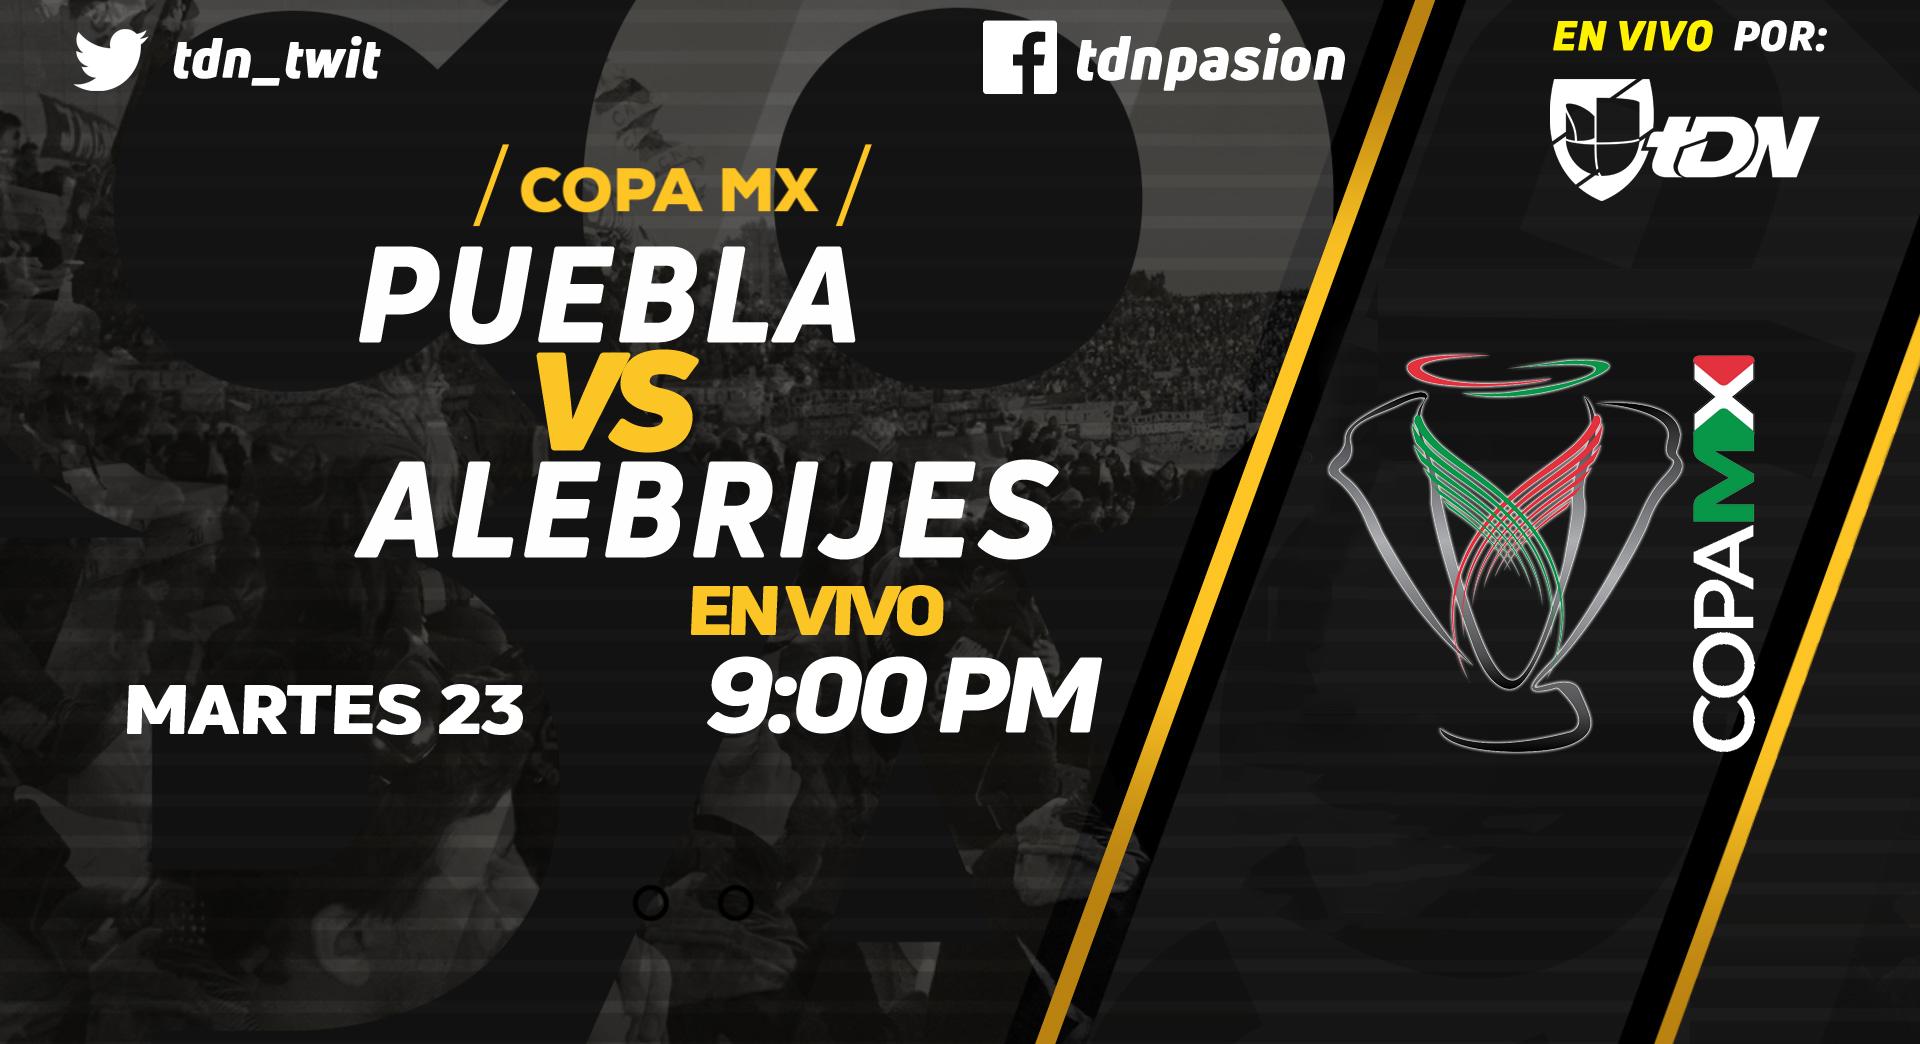 Copa MX en Vivo Puebla vs Alebrijes Copa MX 2018